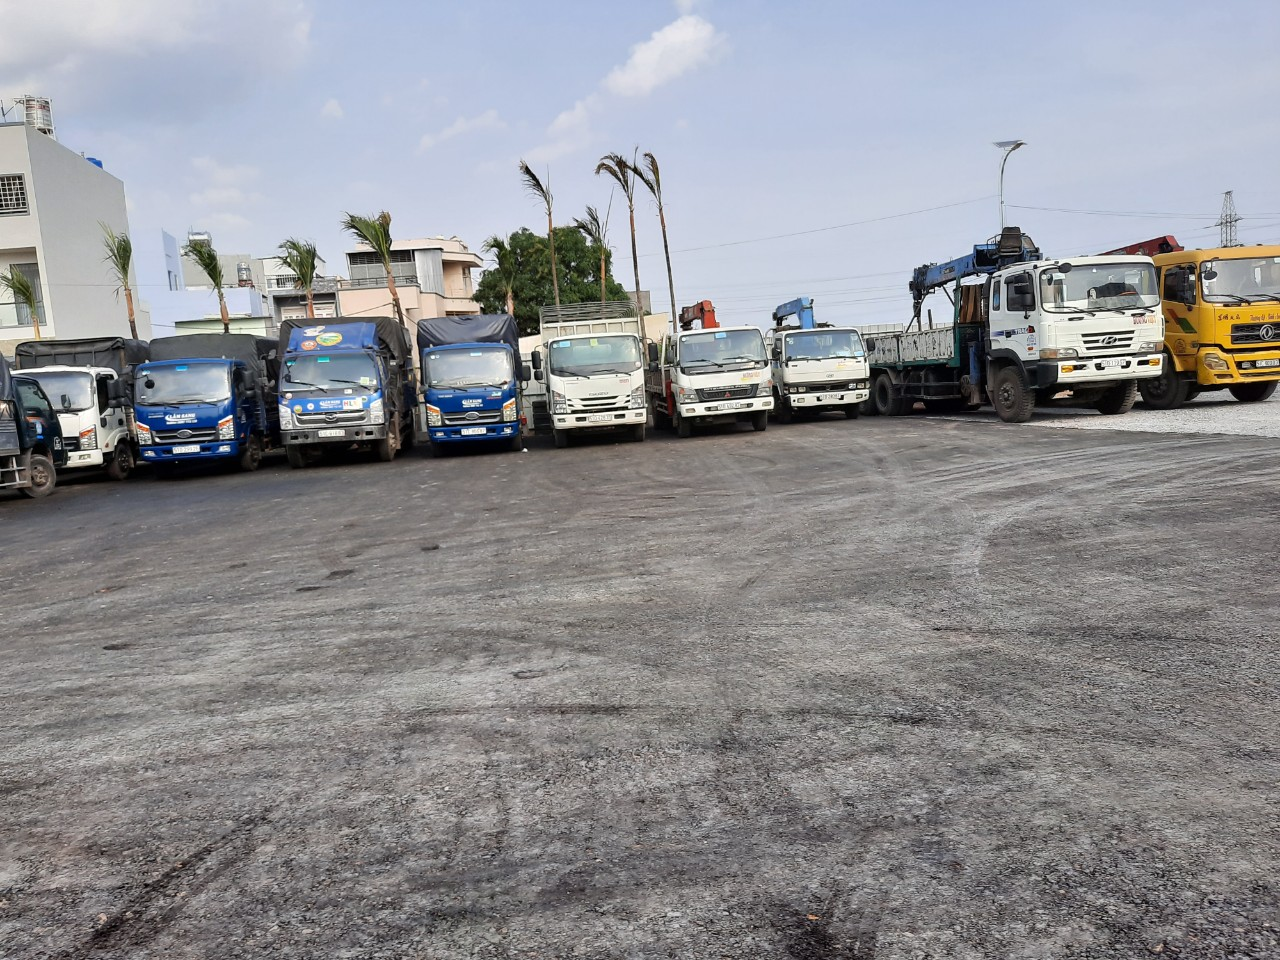 Cho thuê xe tải chuyển nhà gía rẻ tại Gò Vấp